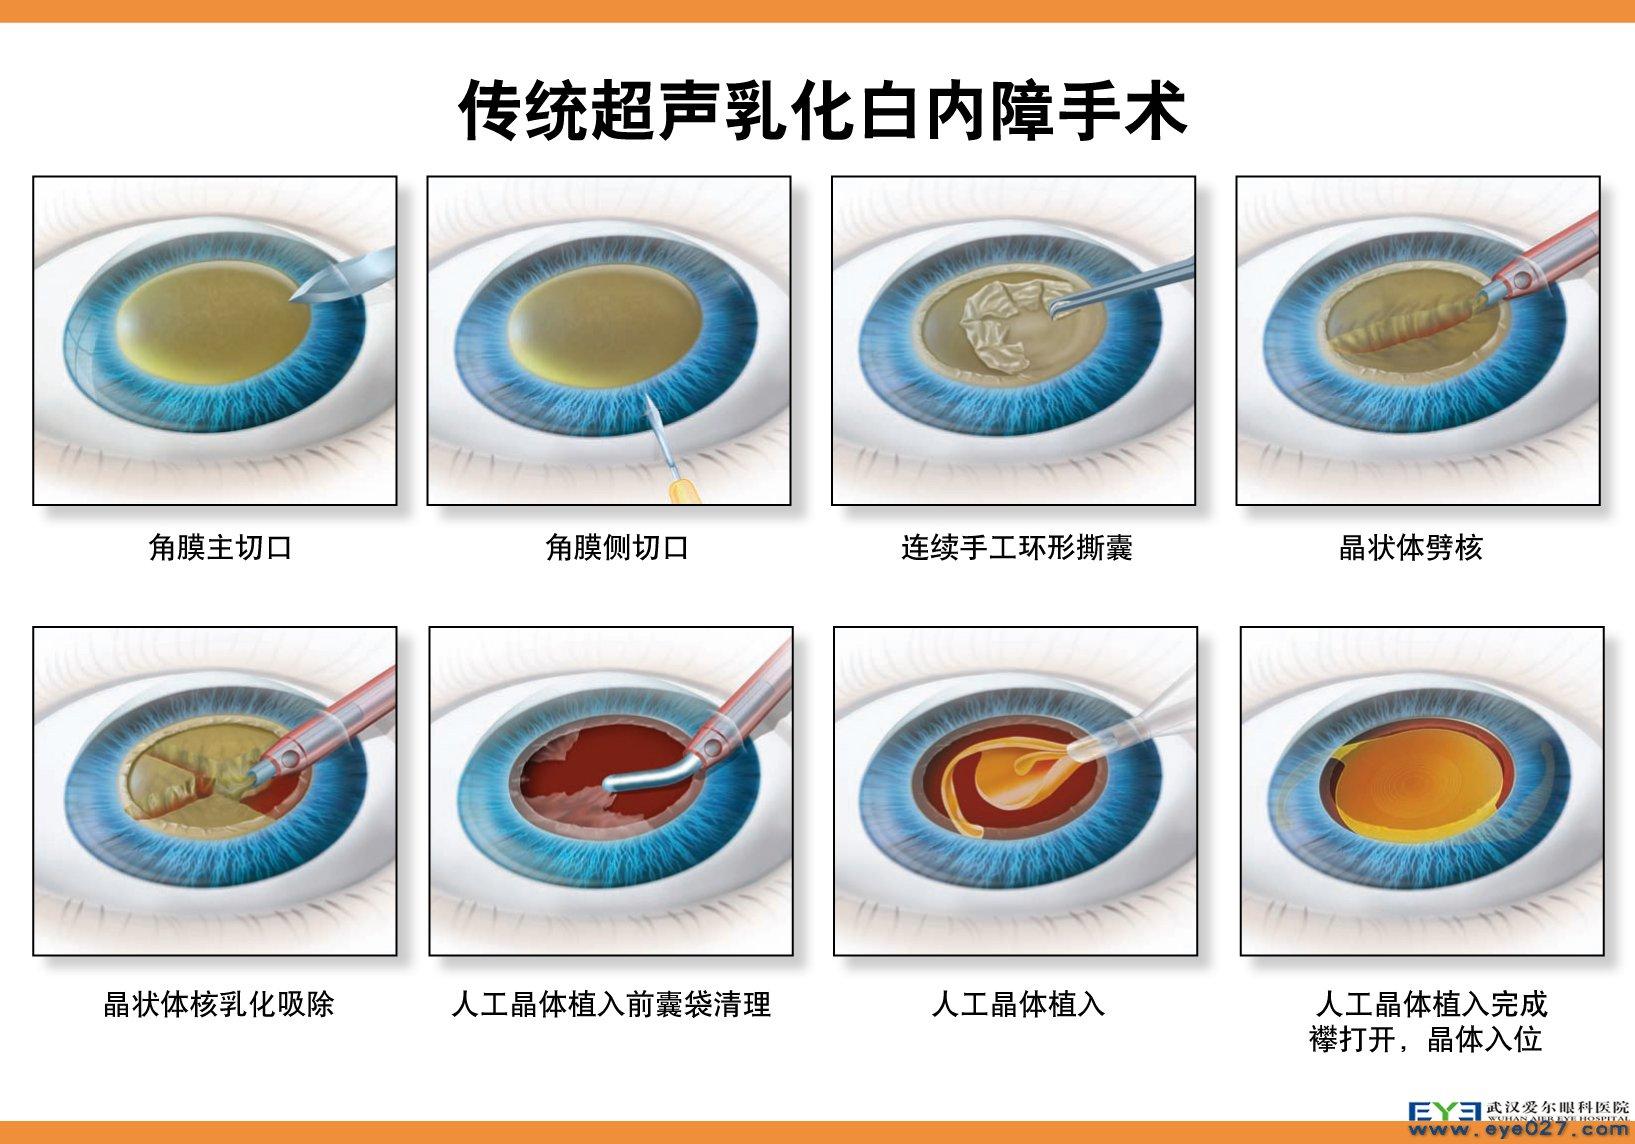 手术步骤:透明角膜切口→前囊膜连续环形撕囊→粉粹